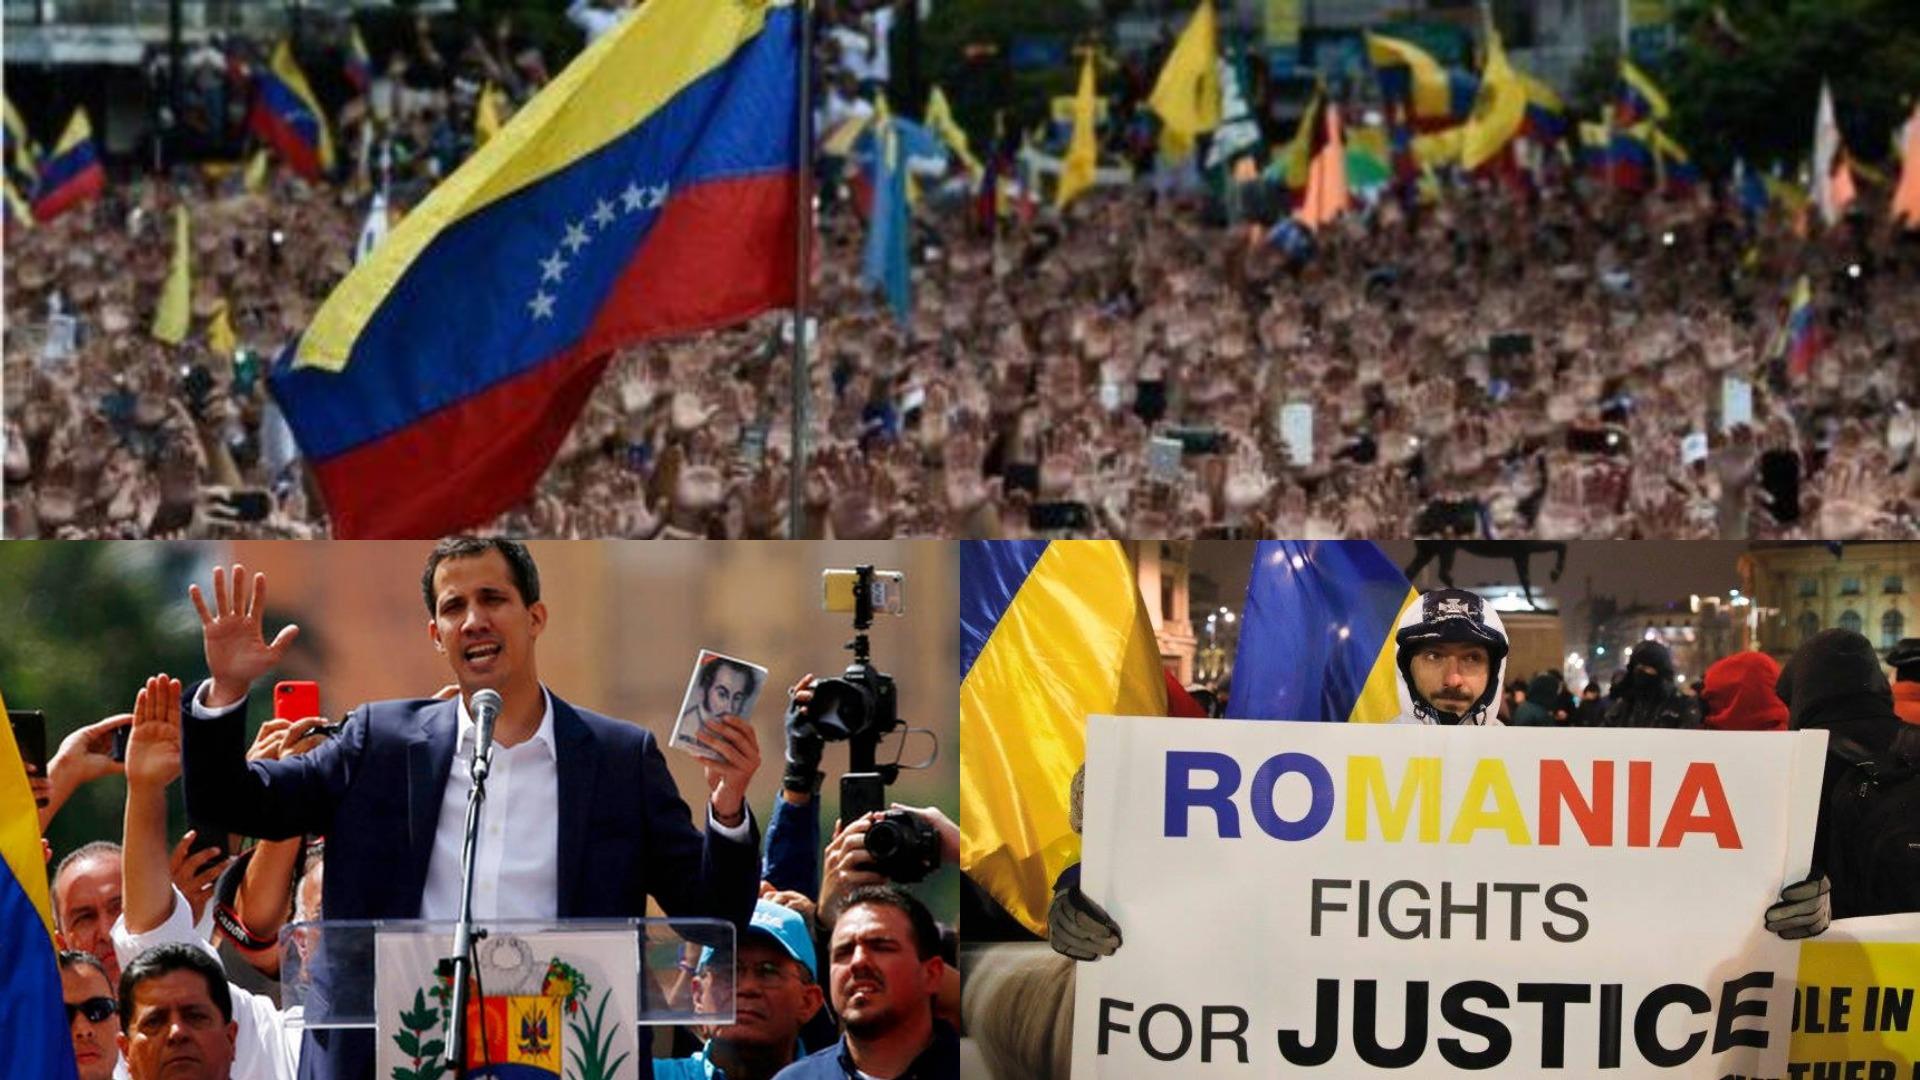 მსოფლიოს ამბები - კრიზისი ვენესუელაში და კორუფცია რუმინეთში